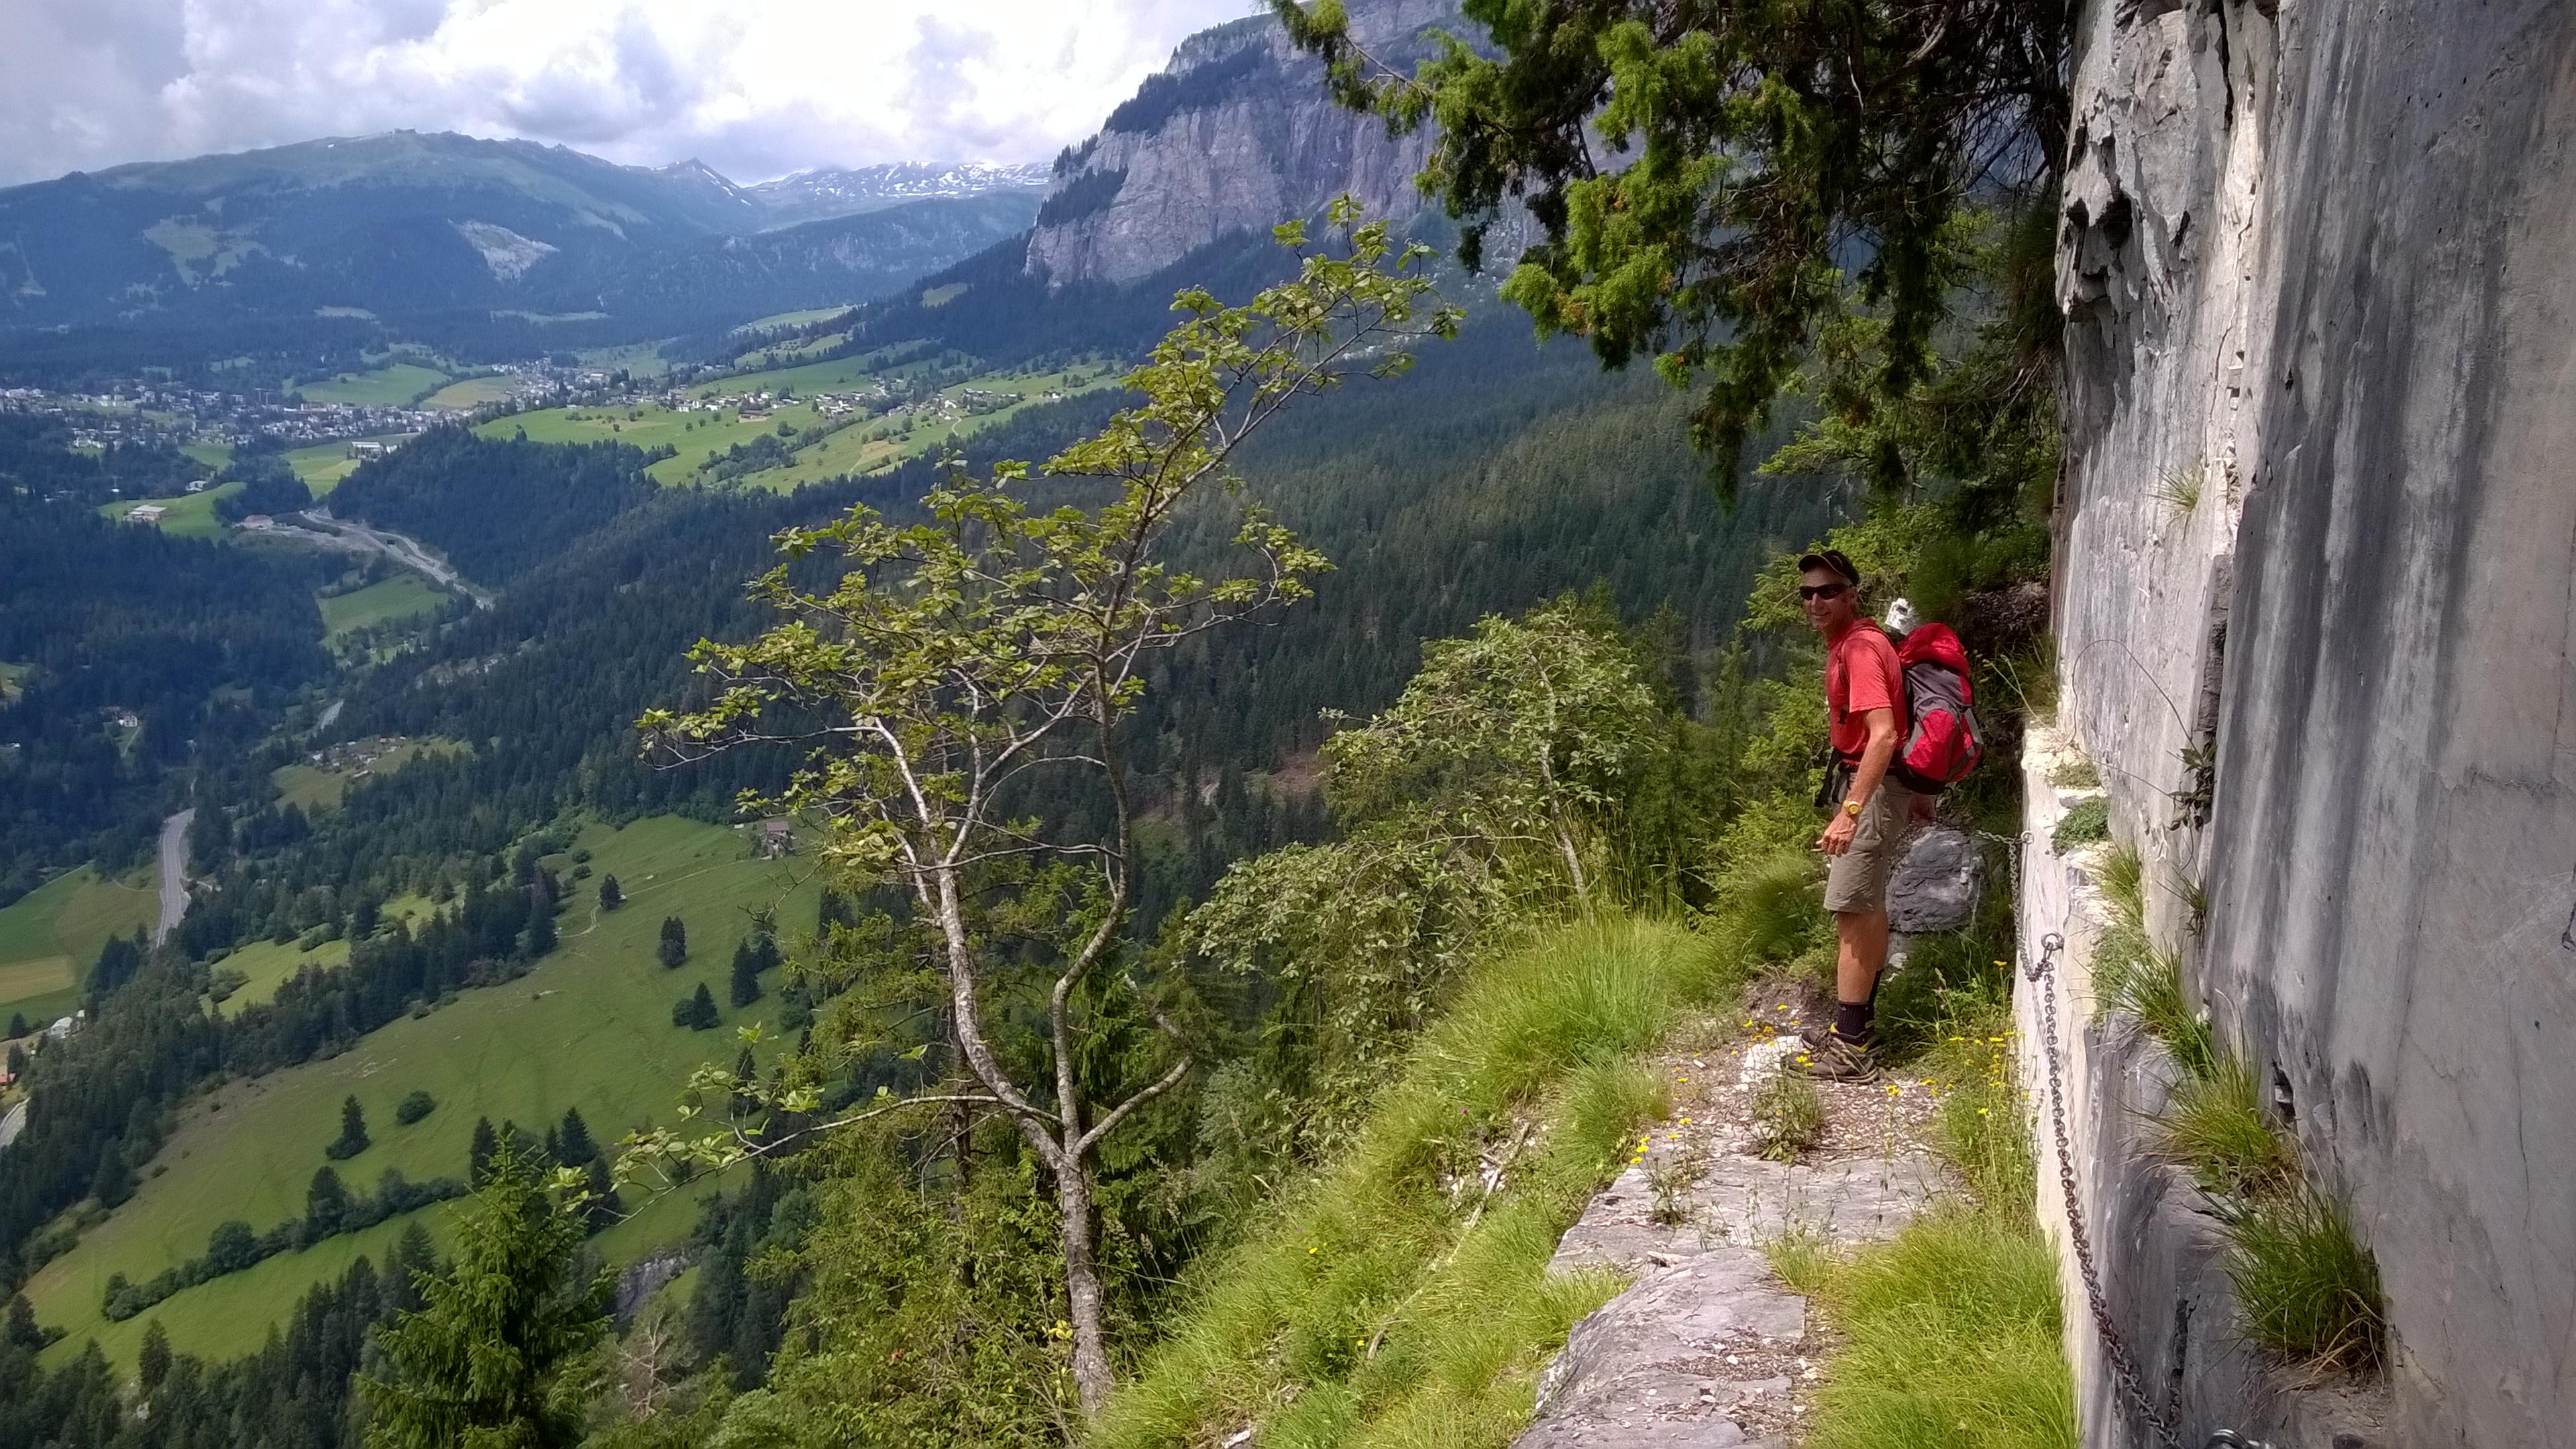 Klettersteig Flims : Klettersteig belmontu201c u2013 erstes auskundschaften einer alp mora